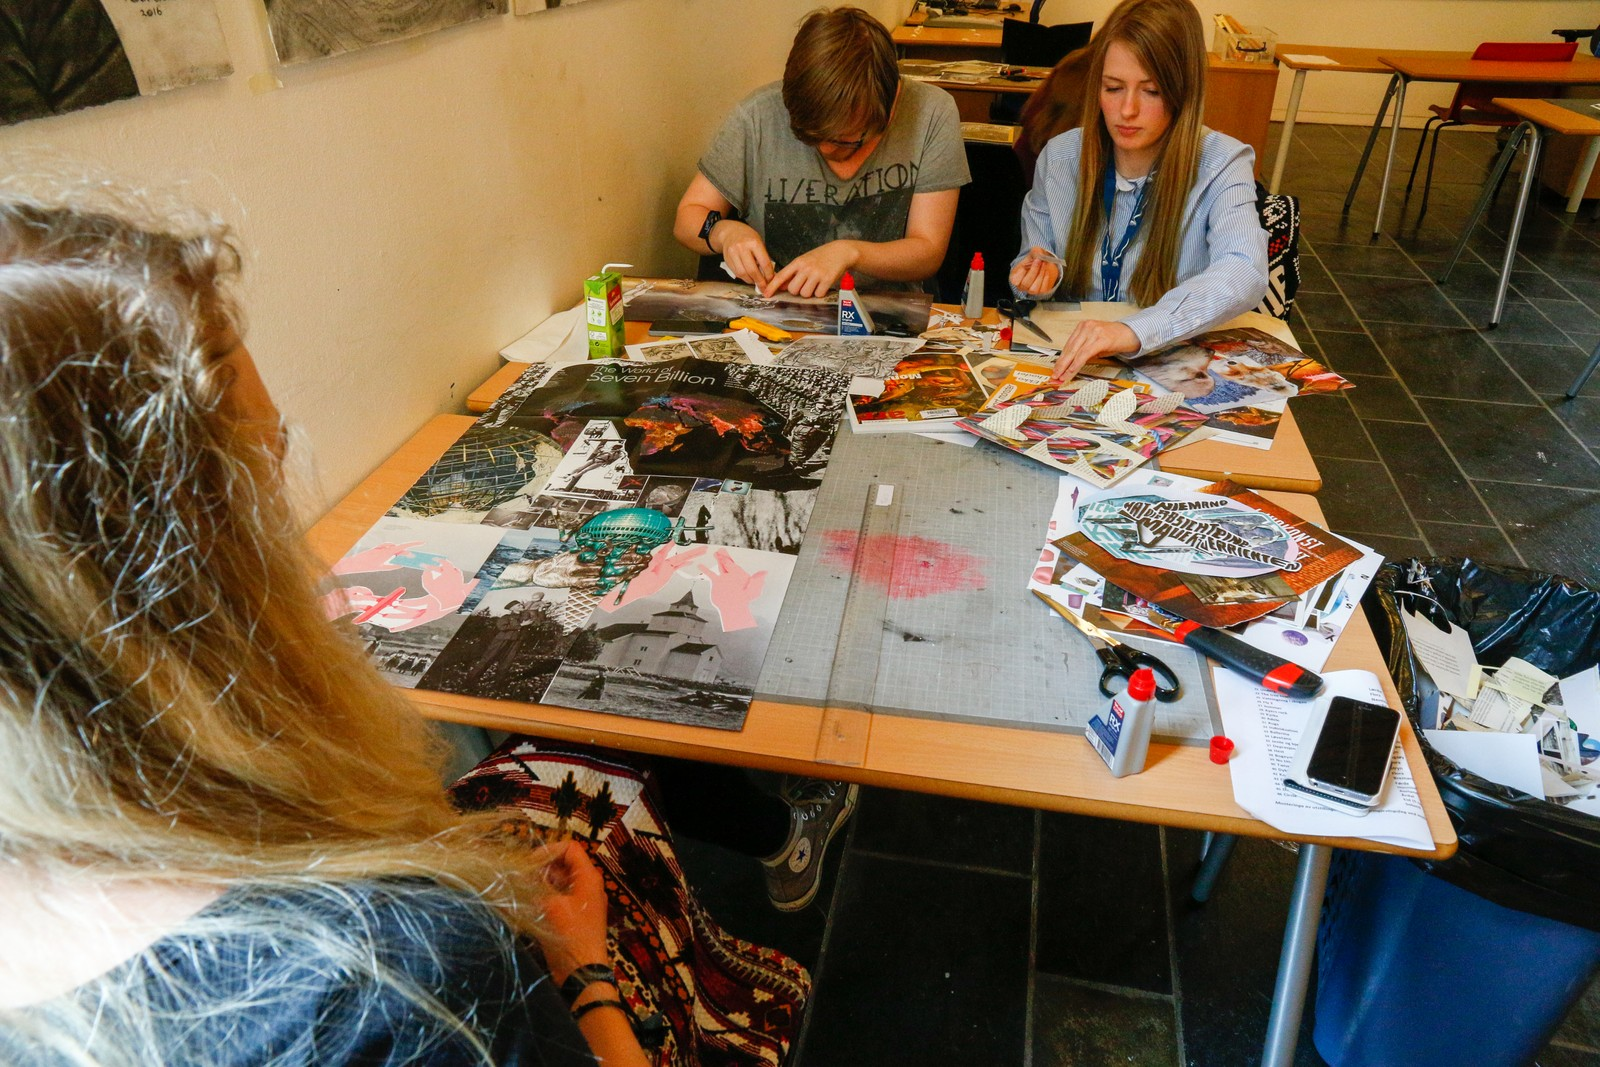 UNGE KUNSTNARAR: Silje Larsen (17) og Svenn Arne Sandvik (18) frå Øvre Årdal prøver seg fram med saks og papir.